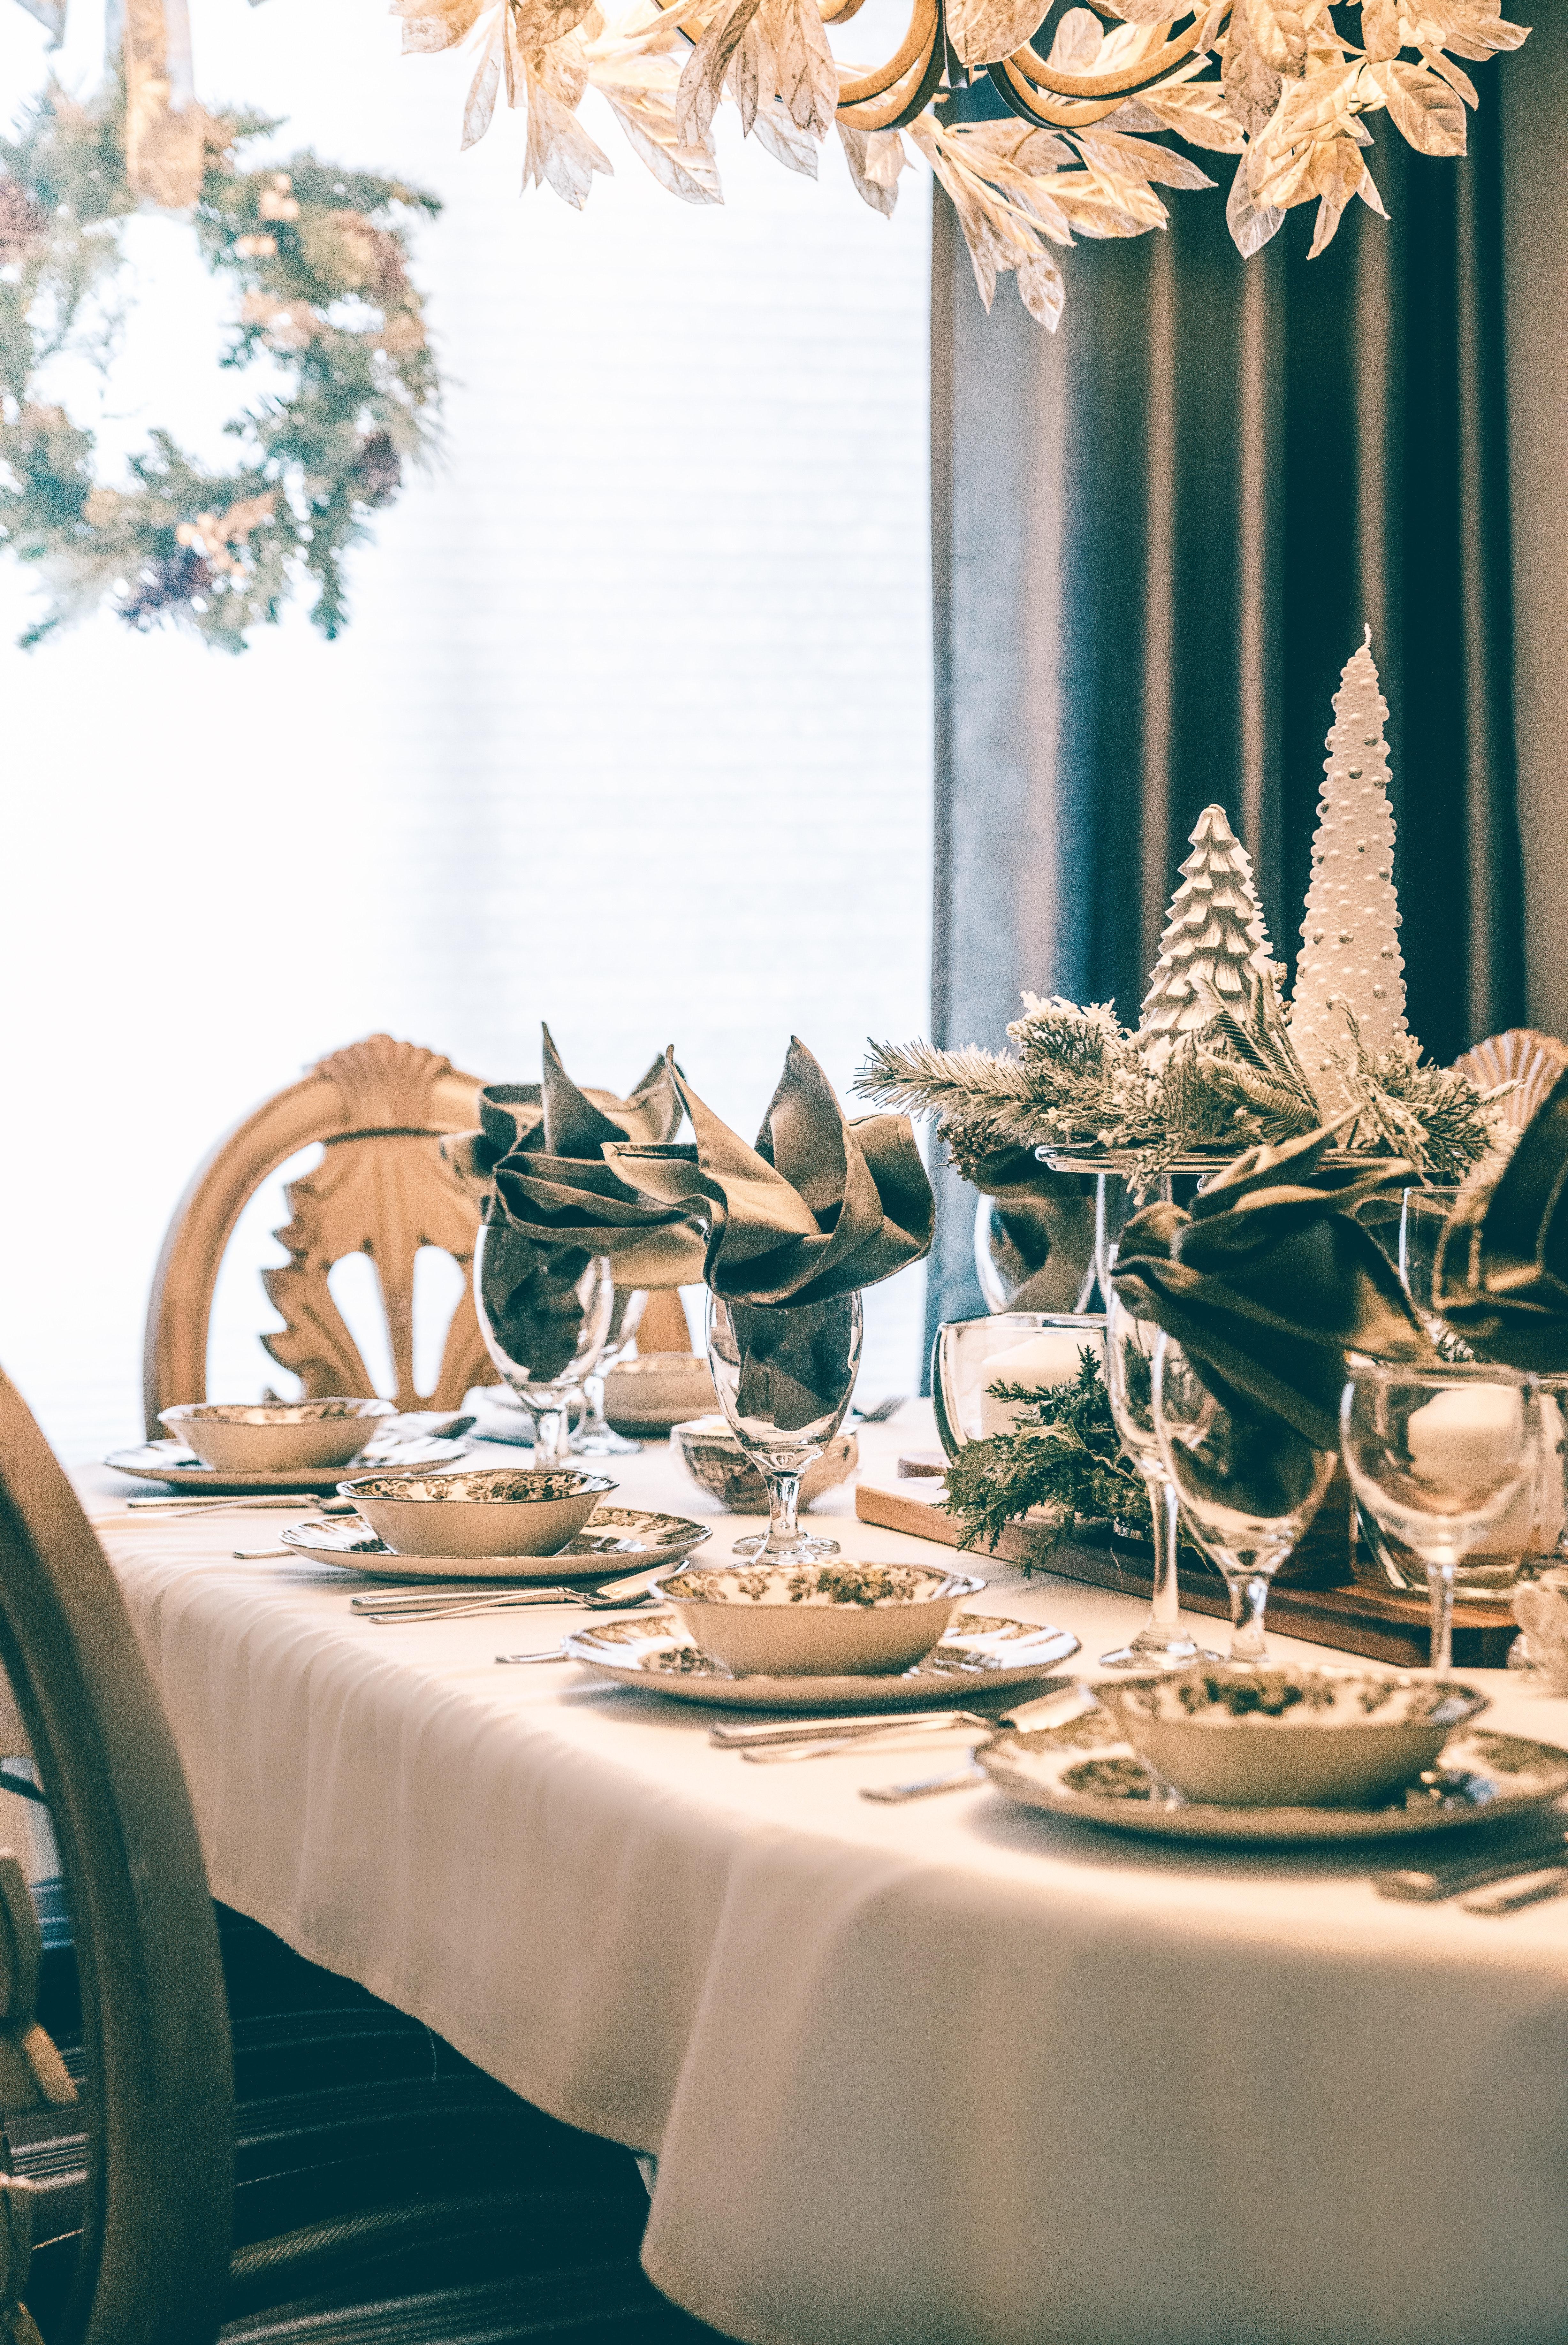 Ungdommelig Bildet : boller, stoler, Jule dekorasjoner, pynt, spisestue UK-08